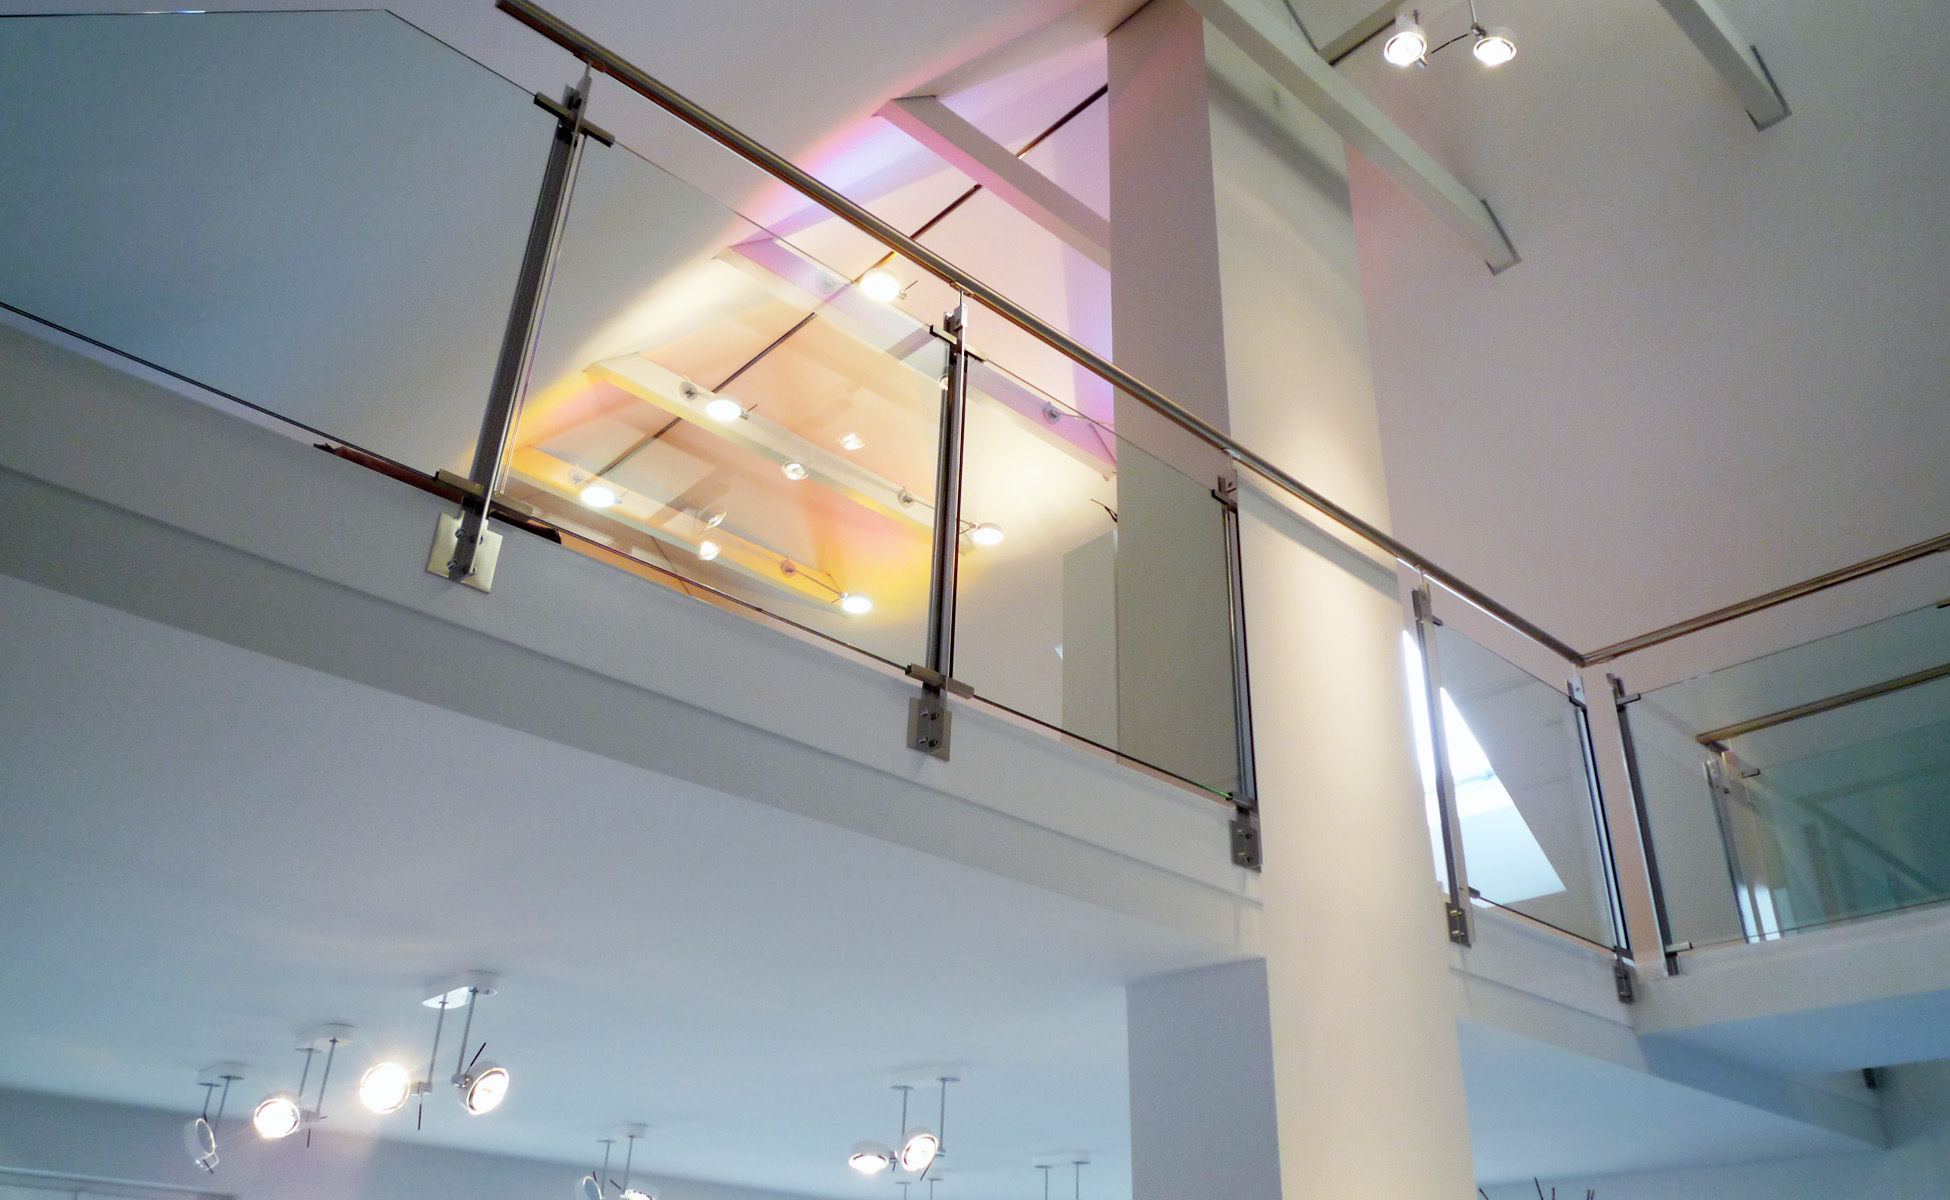 Innenarchitektur + Einrichtung Occhio Sento Farbfilter bei steidten+ Berlin